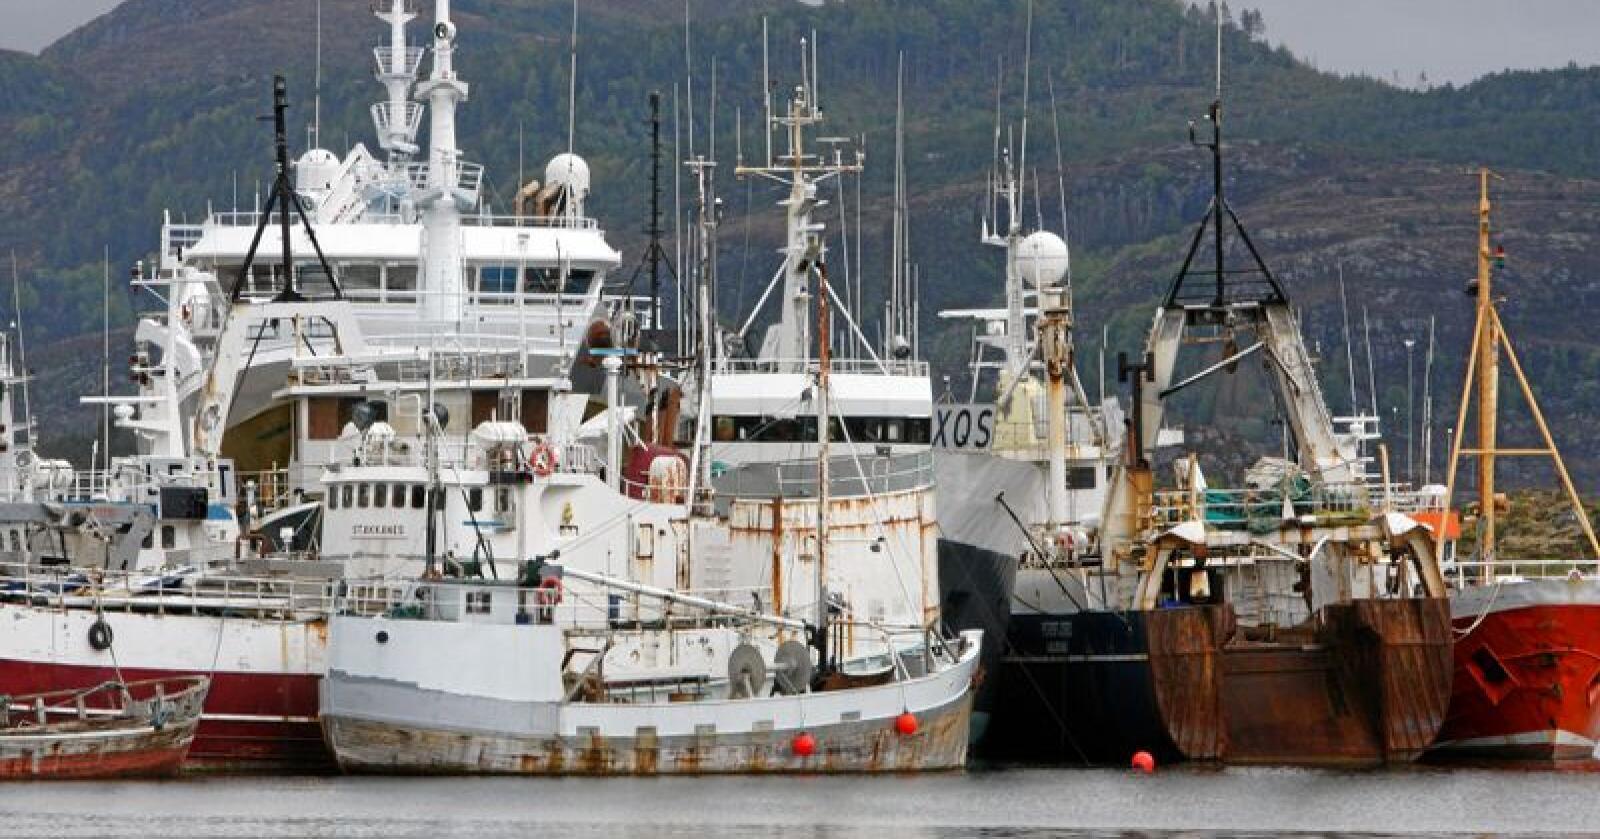 Alle dagens avtaler om lottfordeling mellom båt og mannskap, enten man snakker om arbeidsavtaler eller tariffavtaler, er basert på at båteier har rett til å fiske en andel av fiskeriressursene. Gunnar Stenberg / Mostphotos